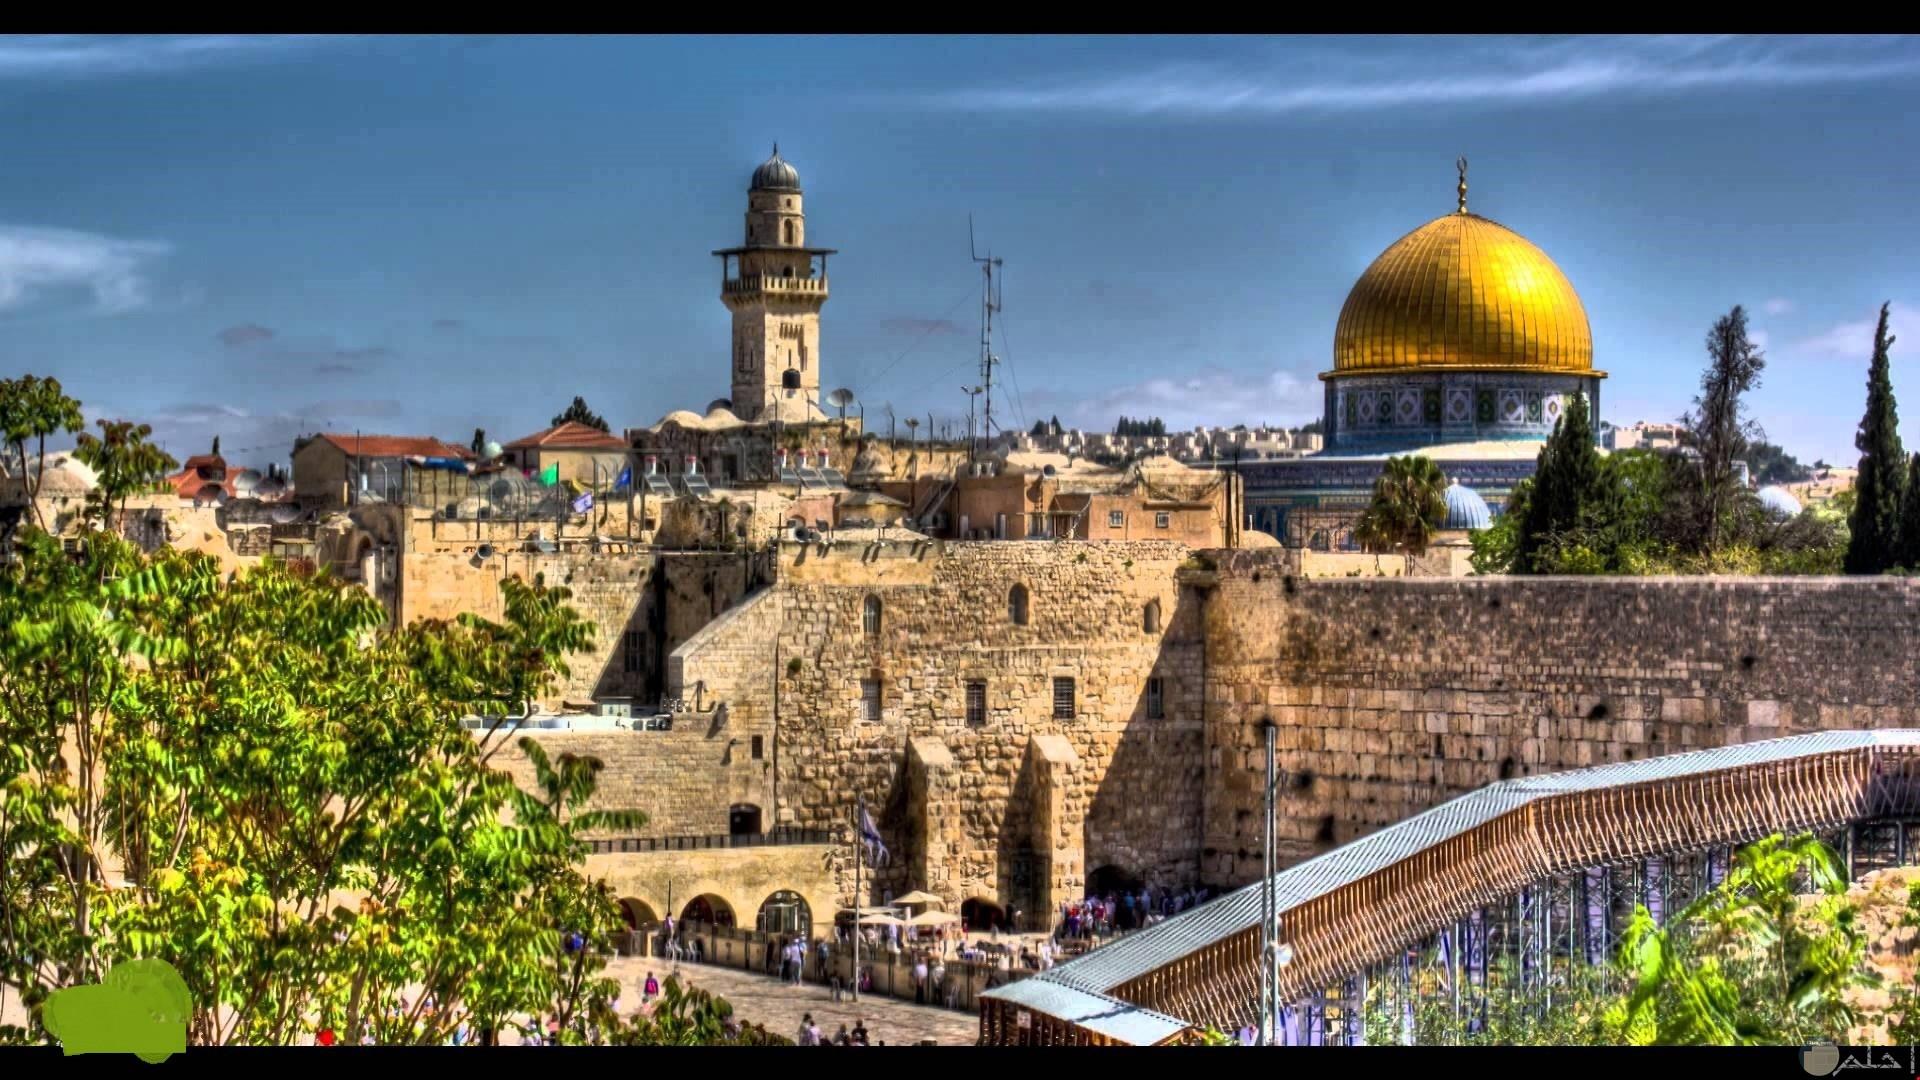 خلفية للفيس بوك و قبة الصخرة بفلسطين.